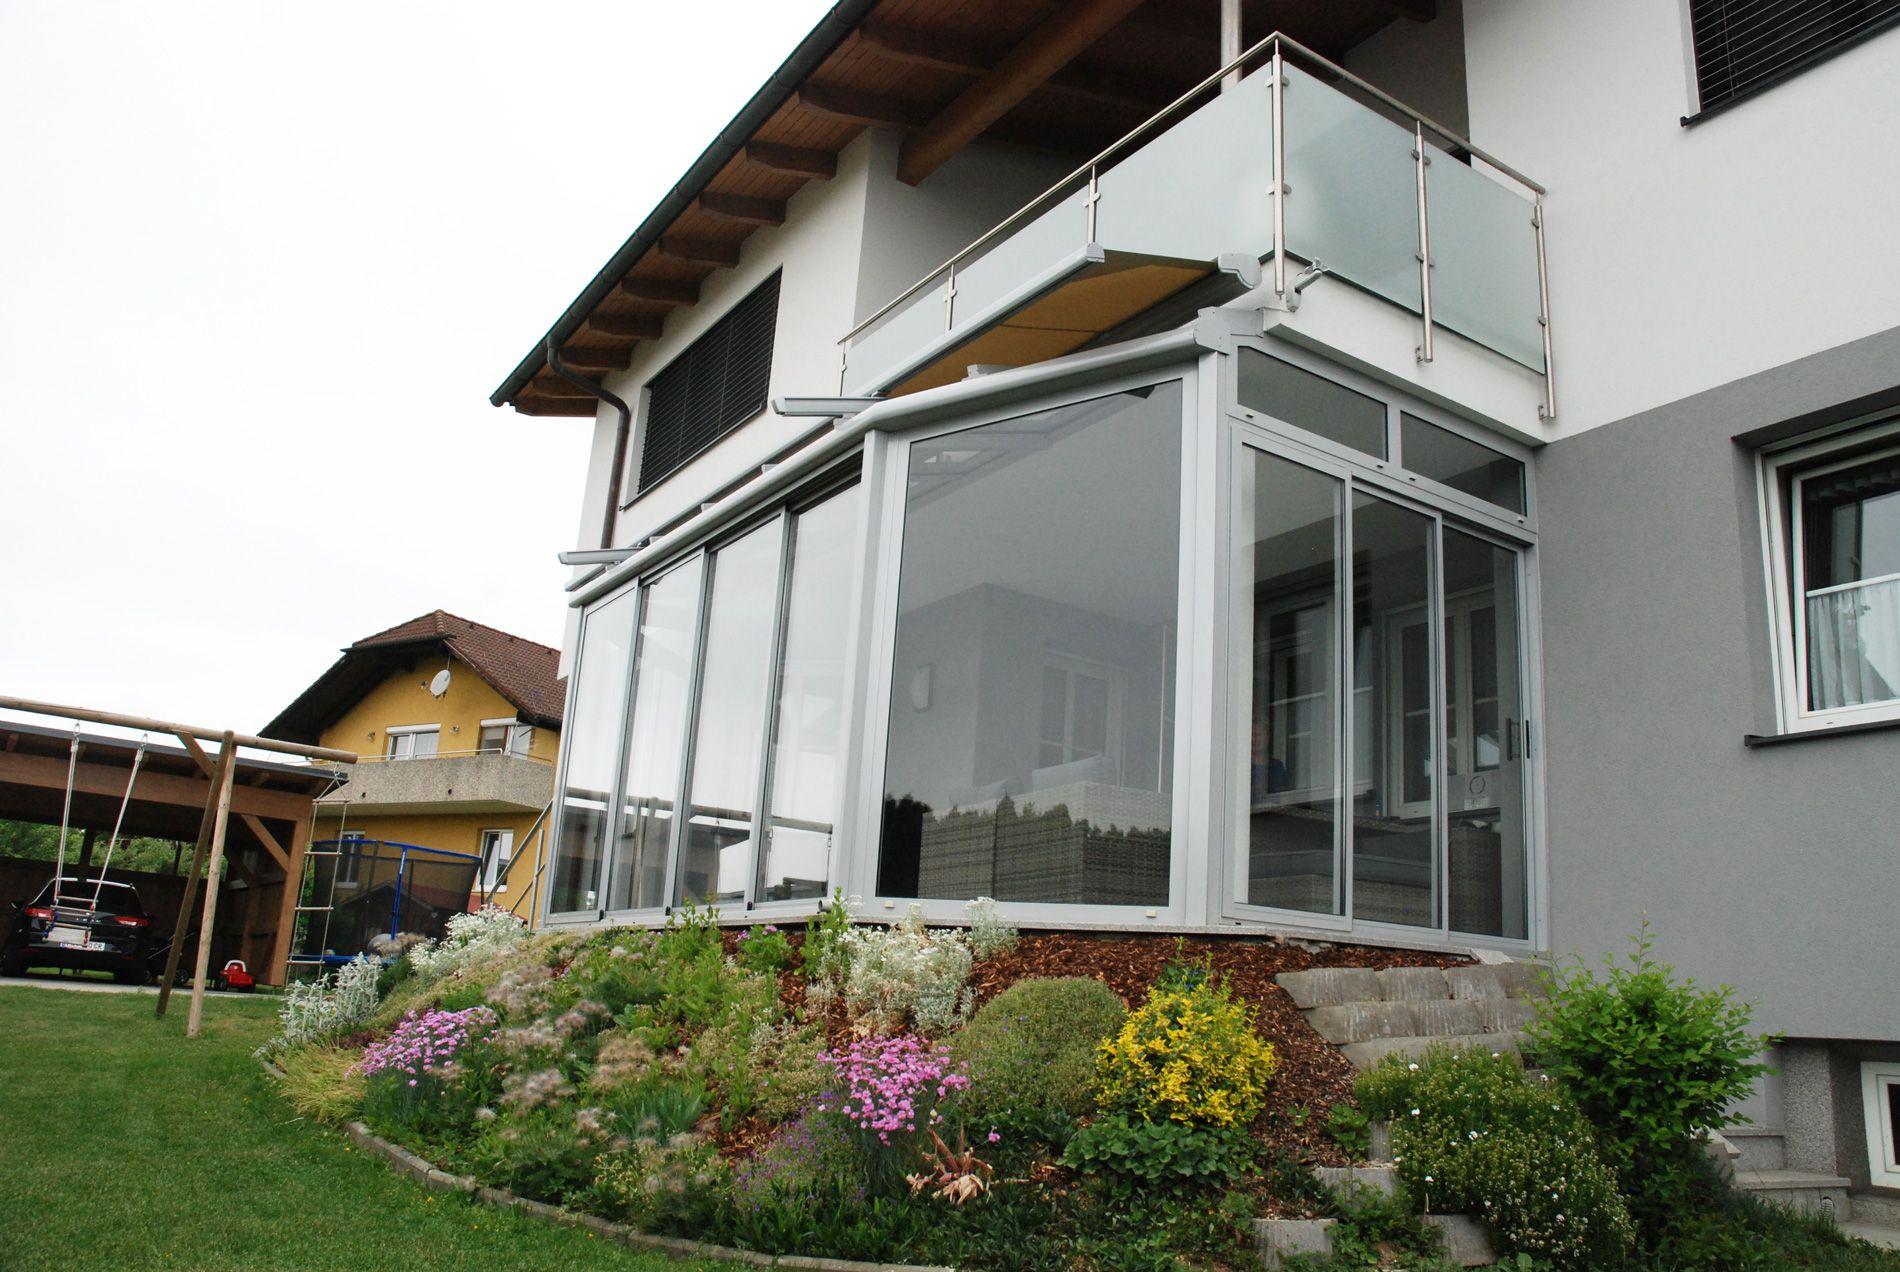 Pultdach Wintergarten Isolierglas Und Dachbeschattung